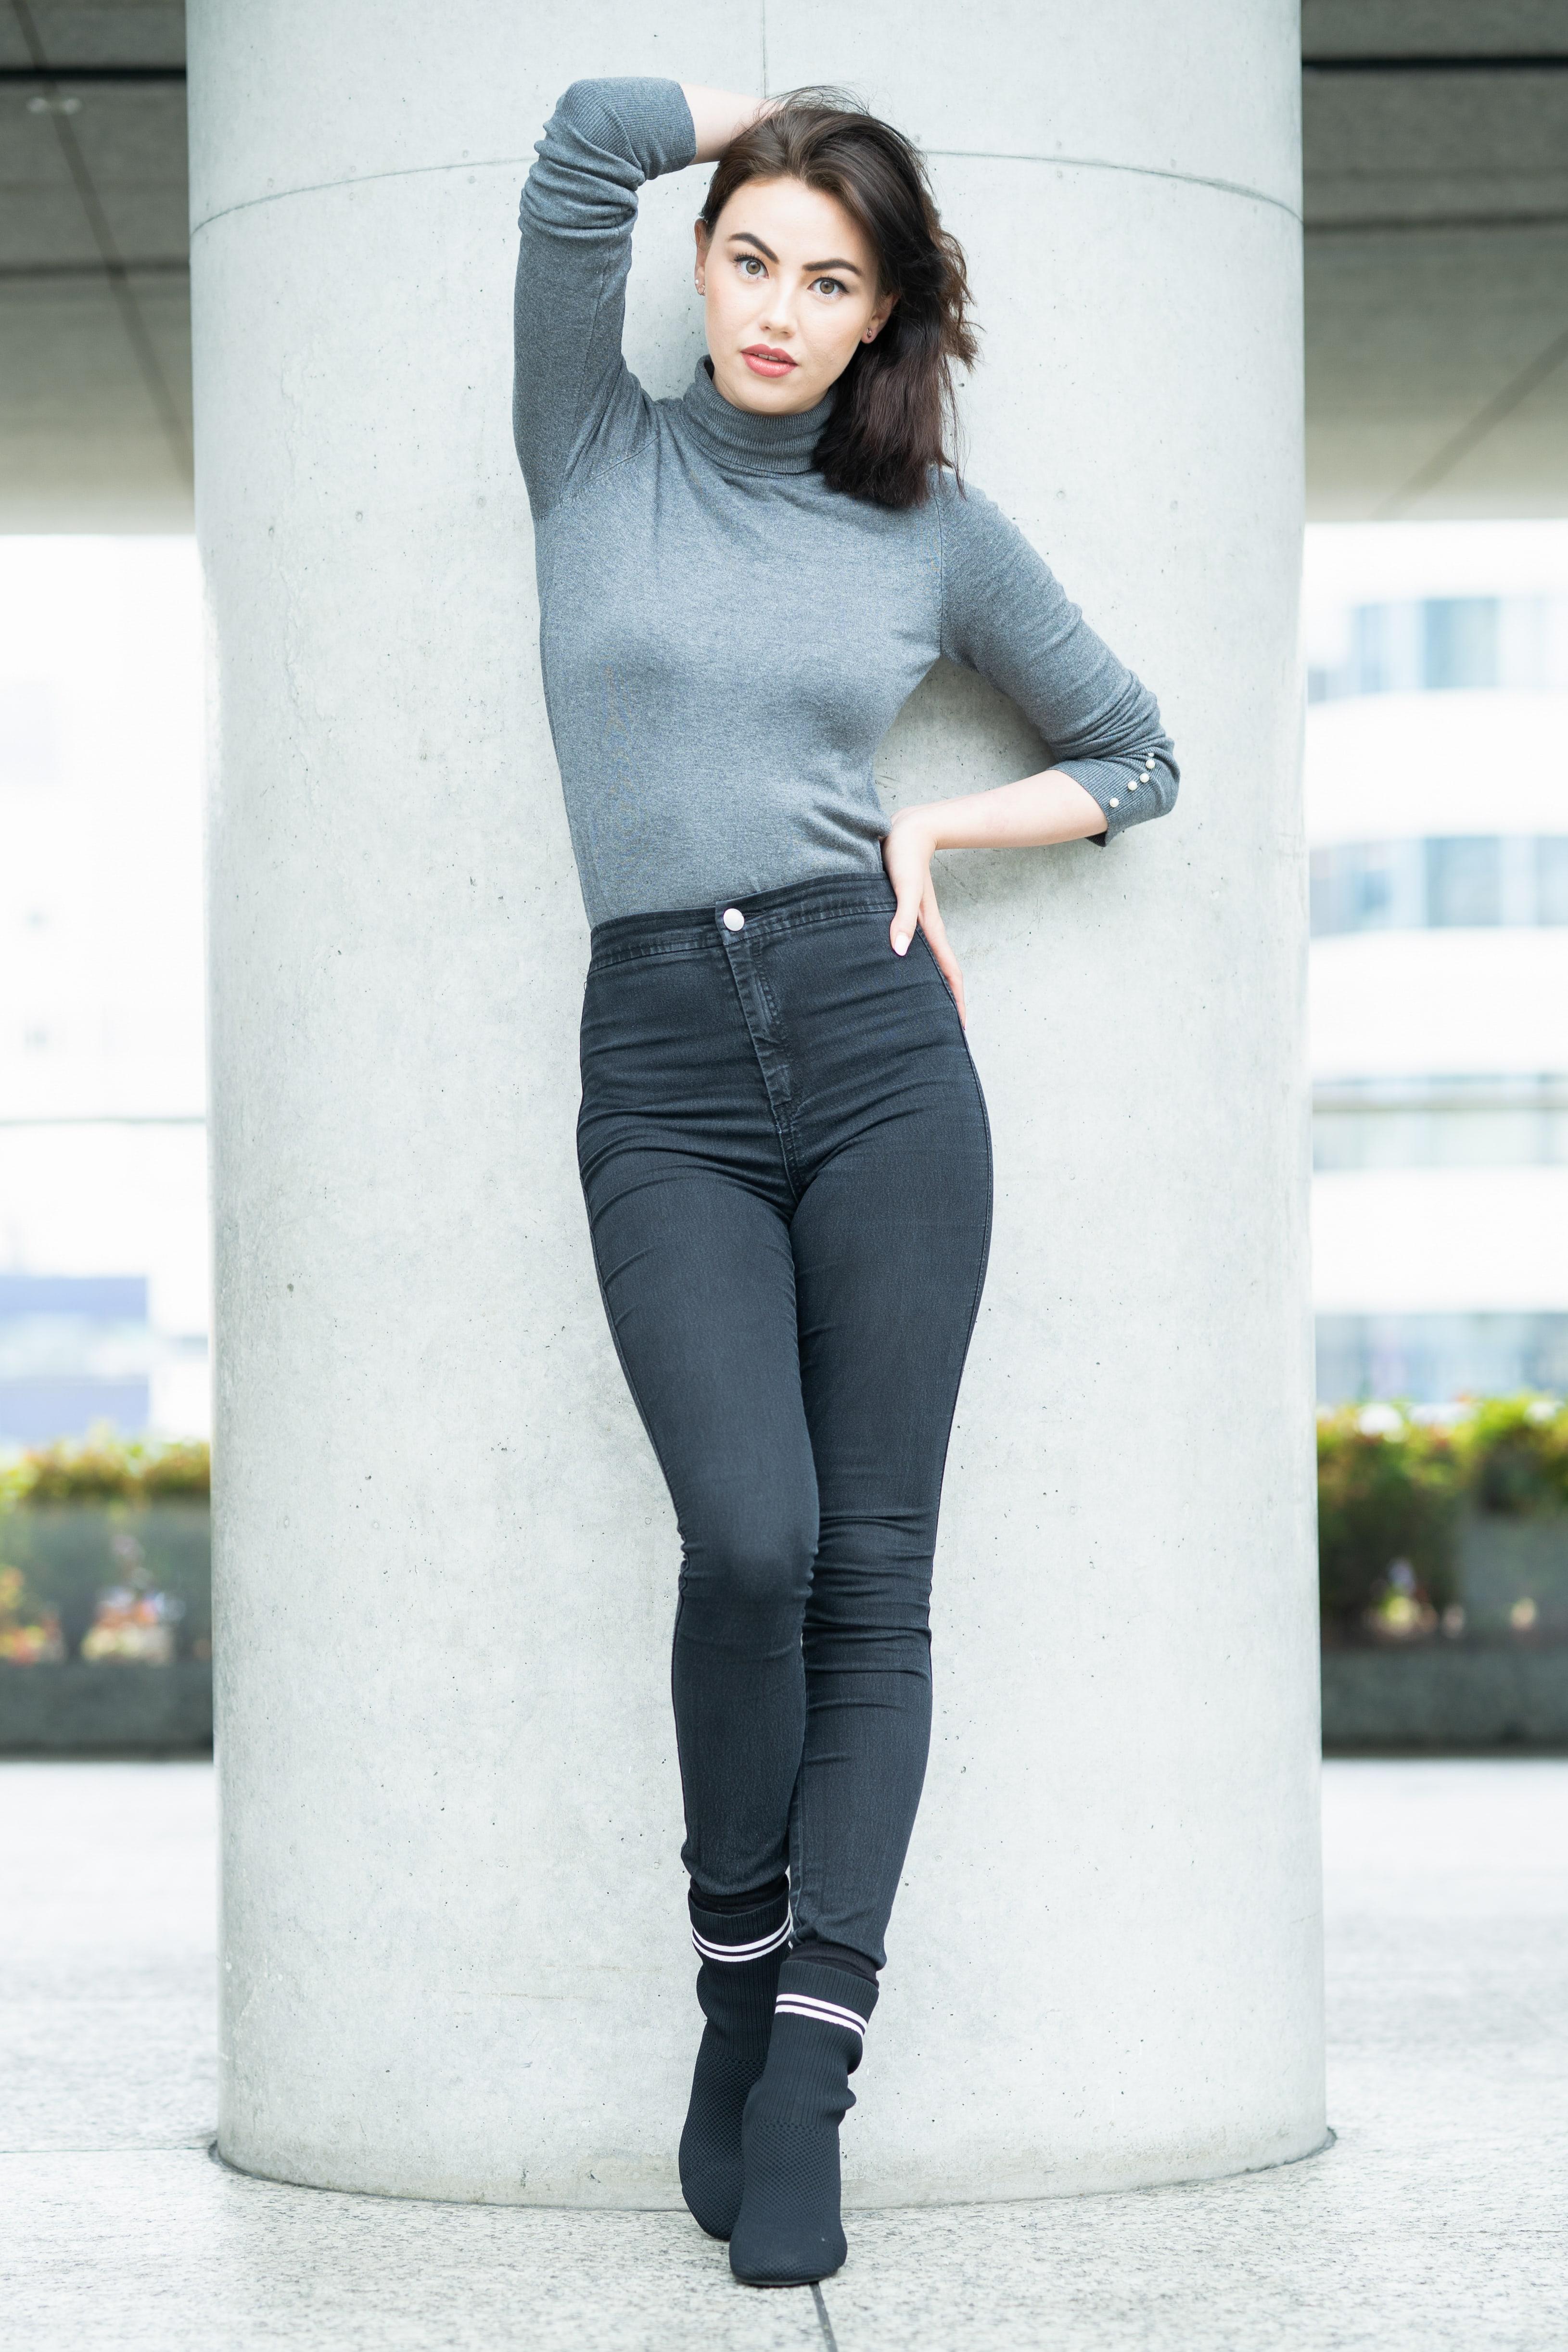 外国人モデル フィーニーの写真5